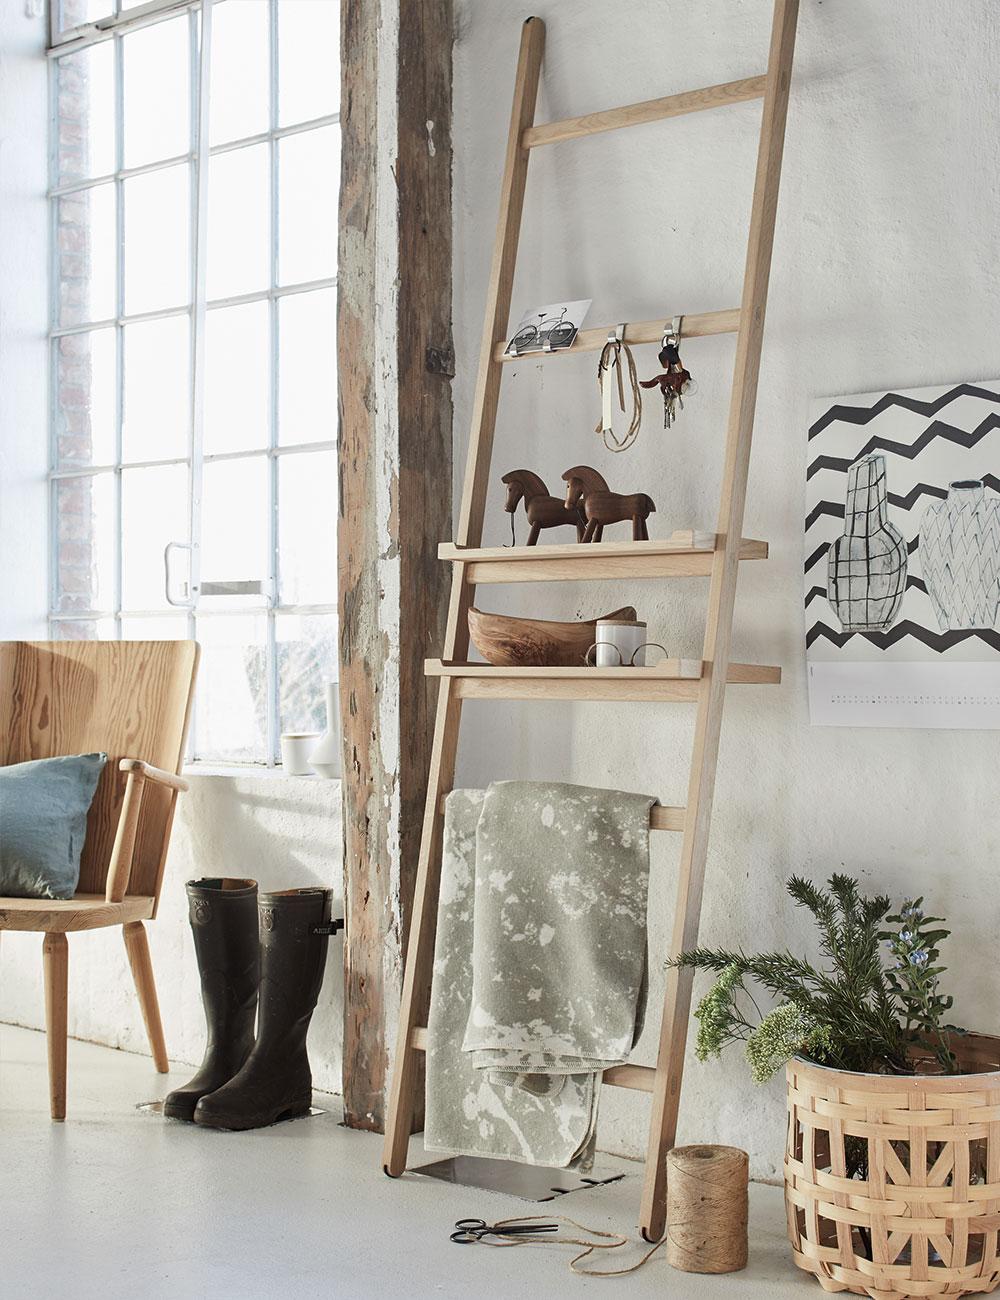 Peter Fehrentz interiordesign photography Innenarchitektur Fotografie Design Möbeldesign Furnituredesign Schöner Wohnen country modern ladder shelf wood